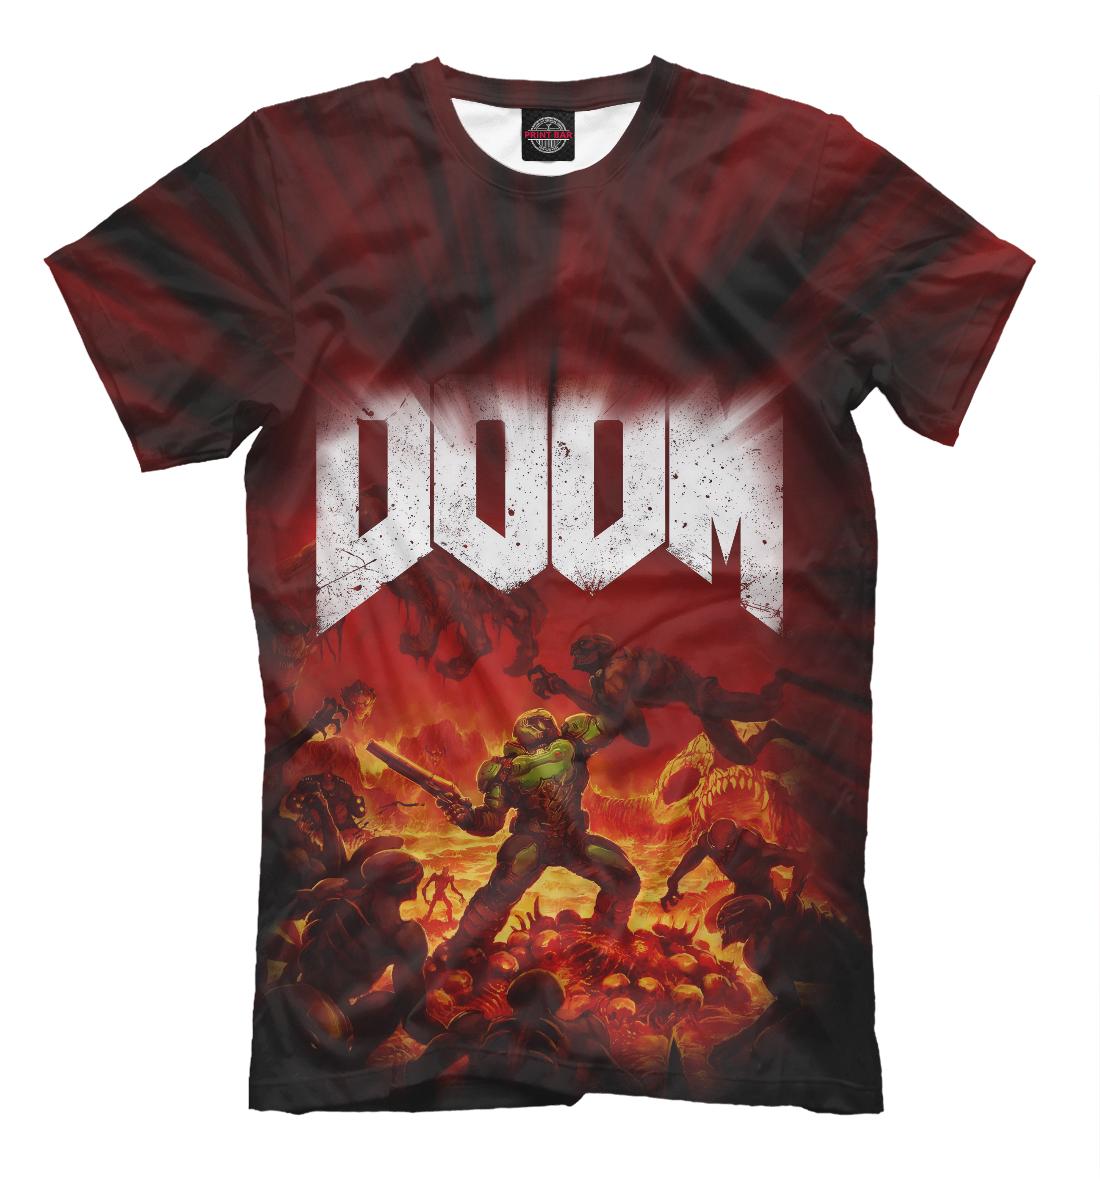 Купить Doom 2016, Printbar, Футболки, RPG-380416-fut-2